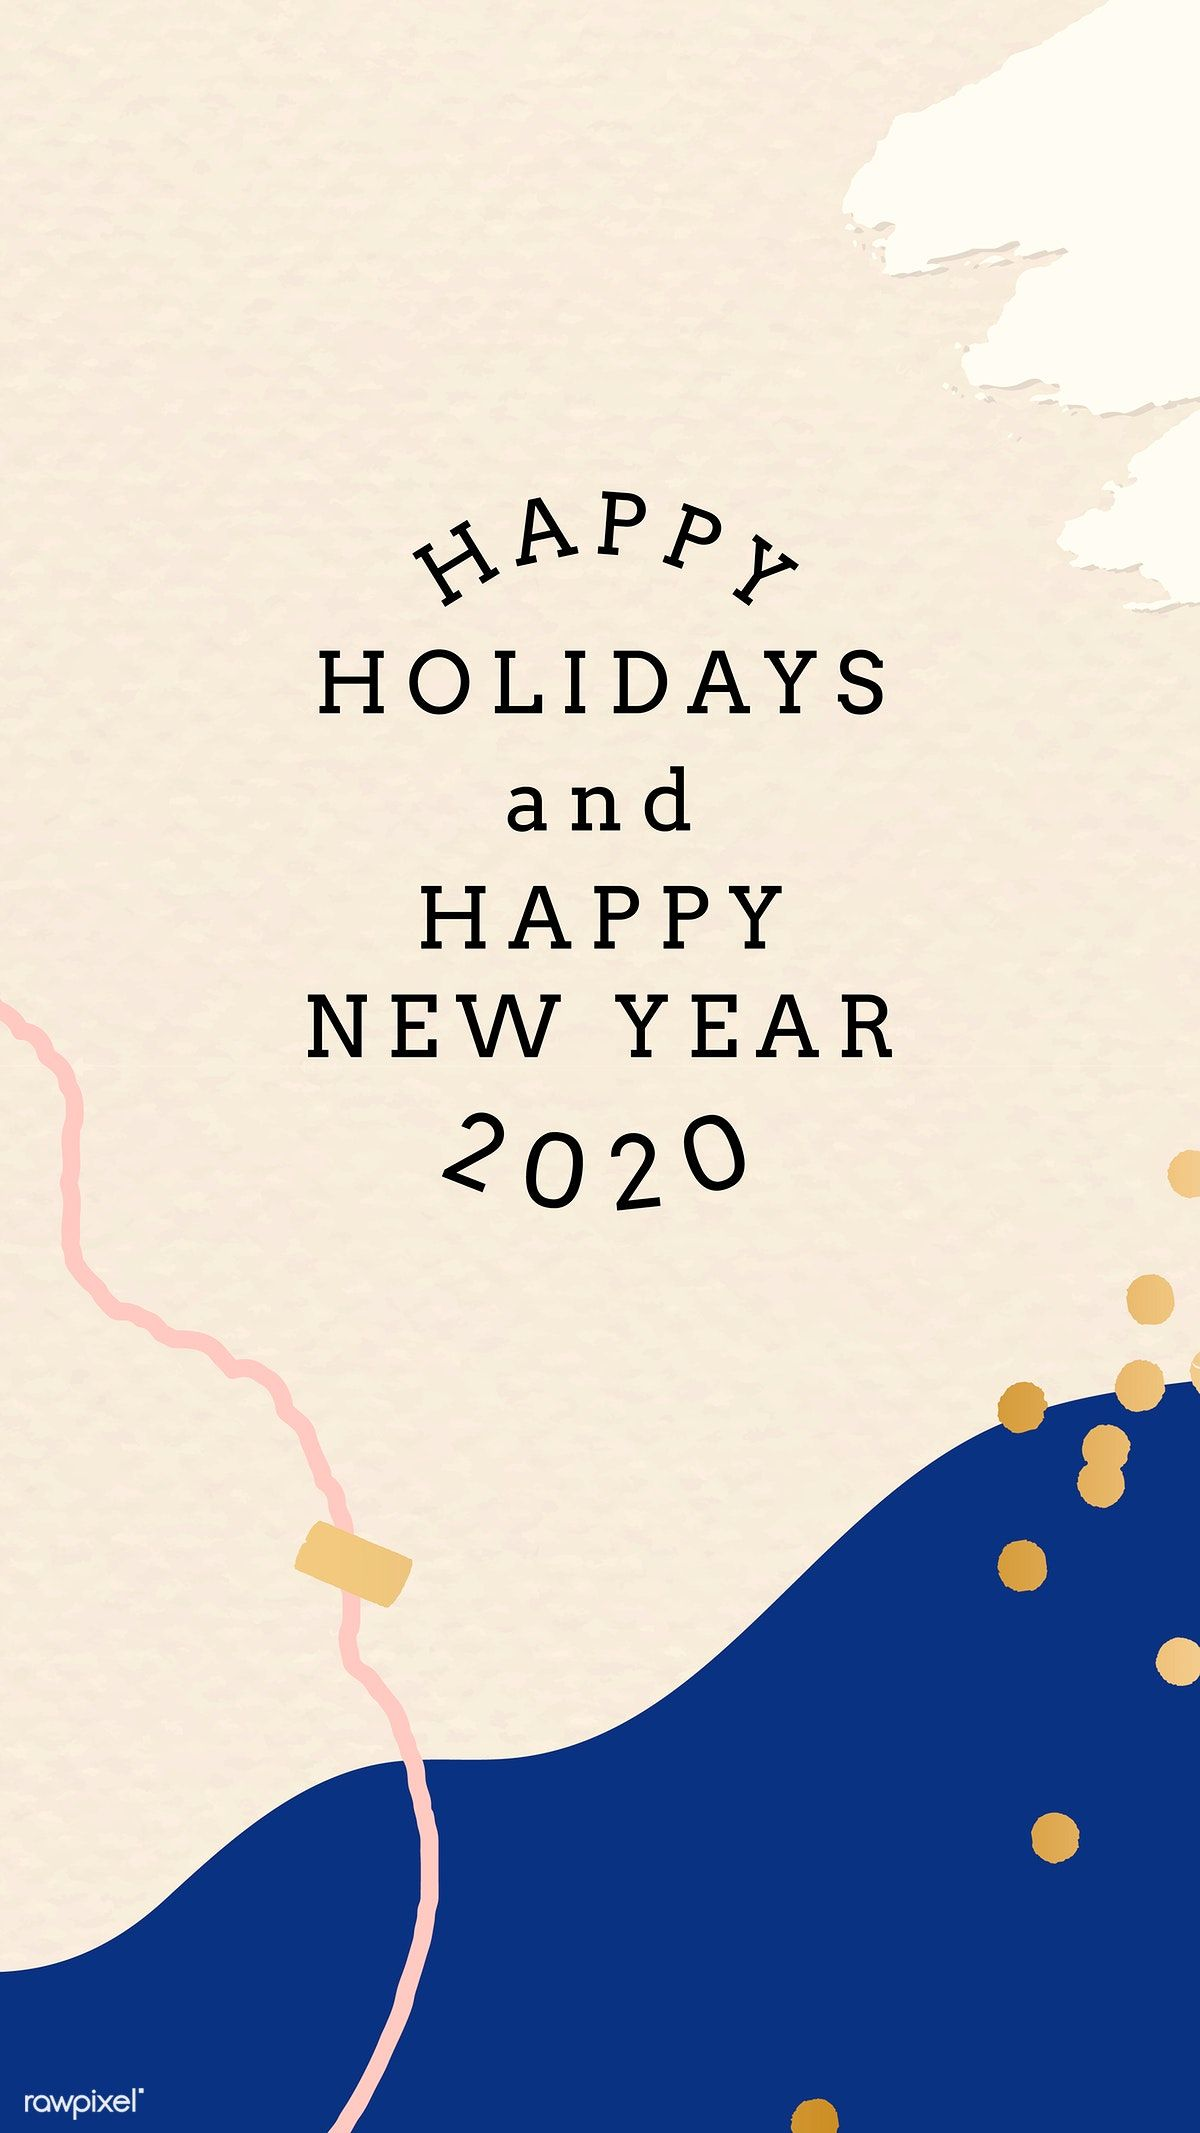 Download premium vector of Happy New Year 2020 Memphis design mobile phone #memphisdesign